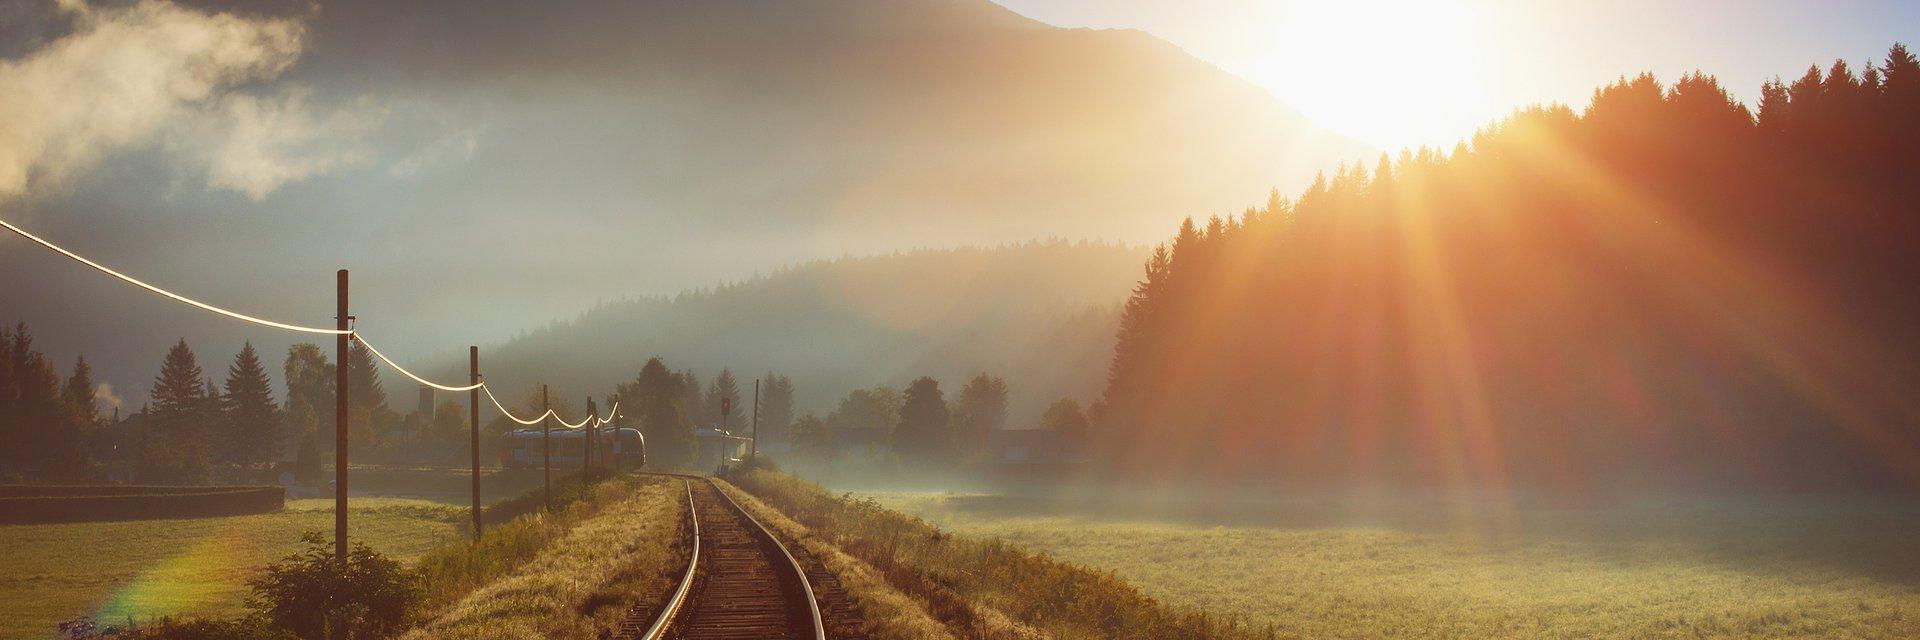 Alstom podpisał umowę z włoskim operatorem Trenitalia